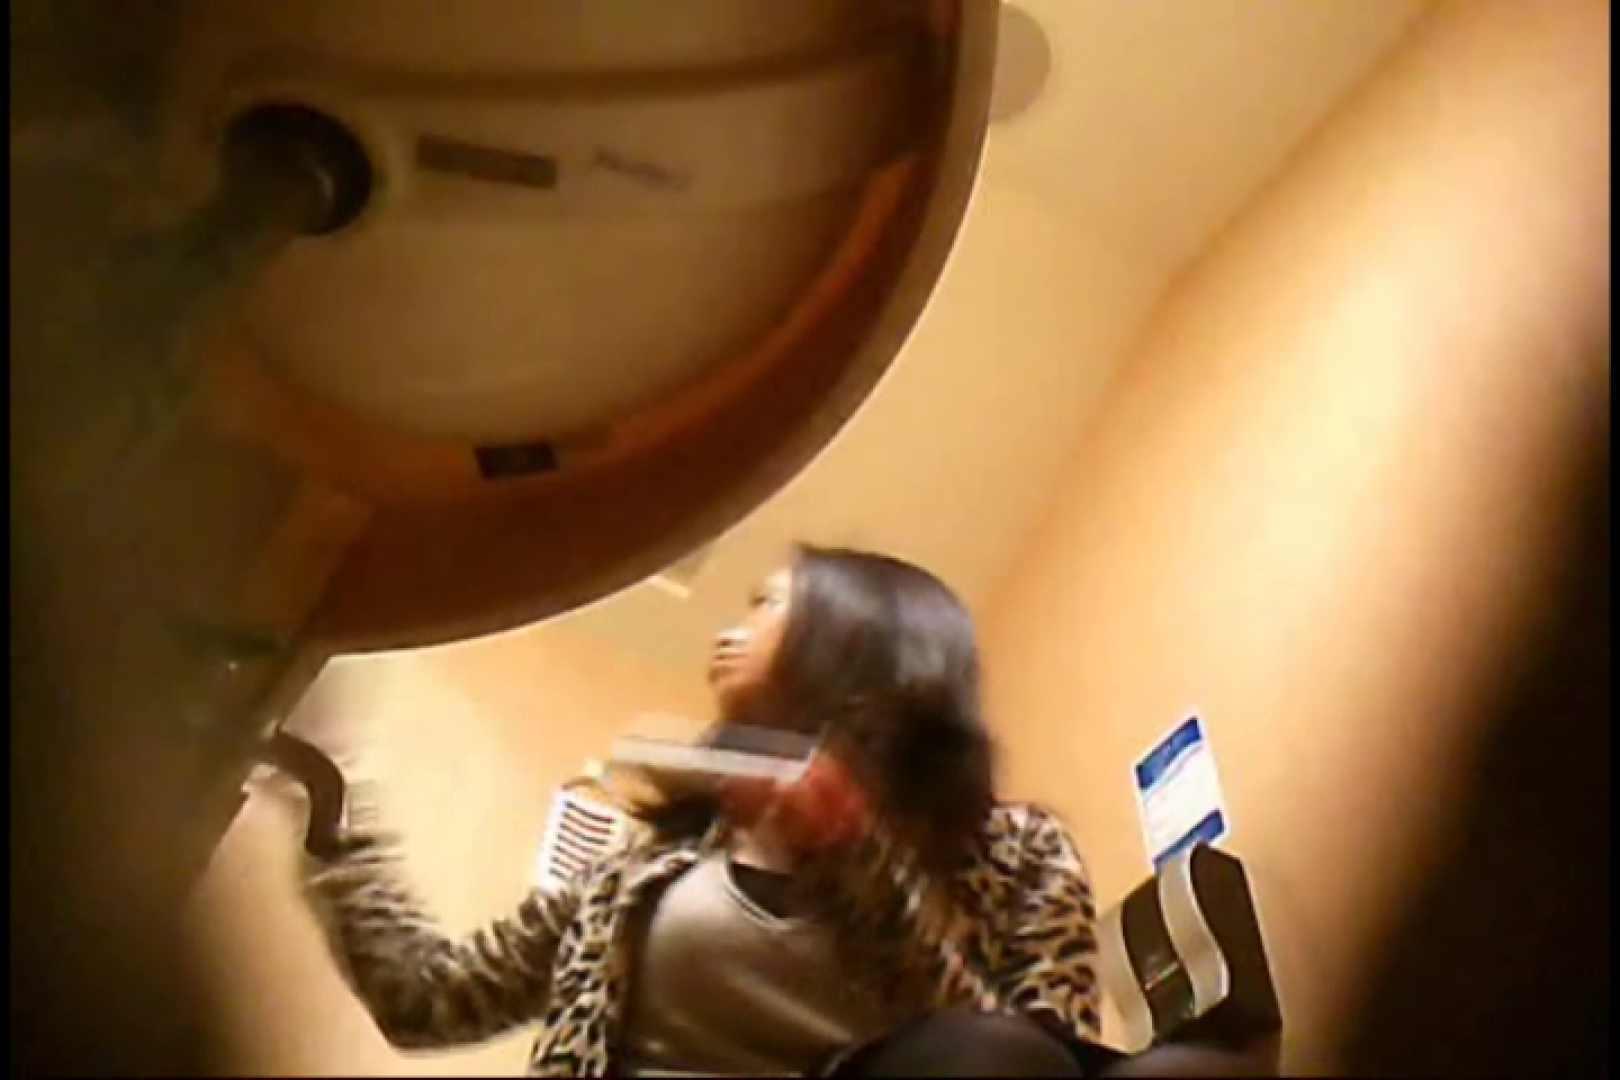 潜入!!女子化粧室盗撮~絶対見られたくない時間~vo,15 ナプキン   潜入突撃  74pic 1